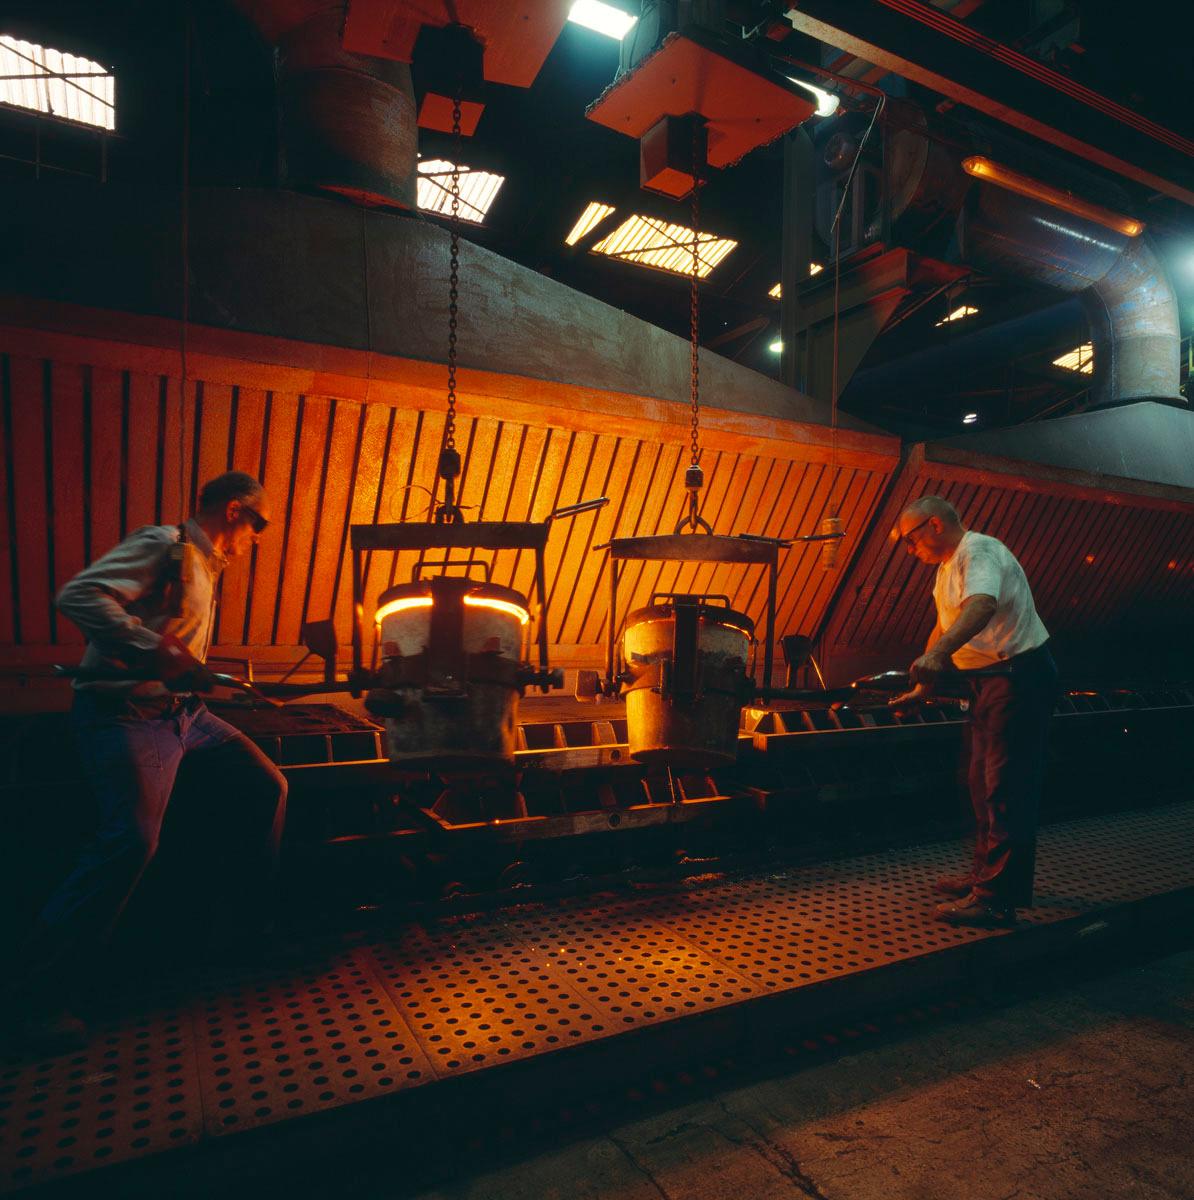 La photographie montre des mouleurs au travail dans l'usine Godin SA